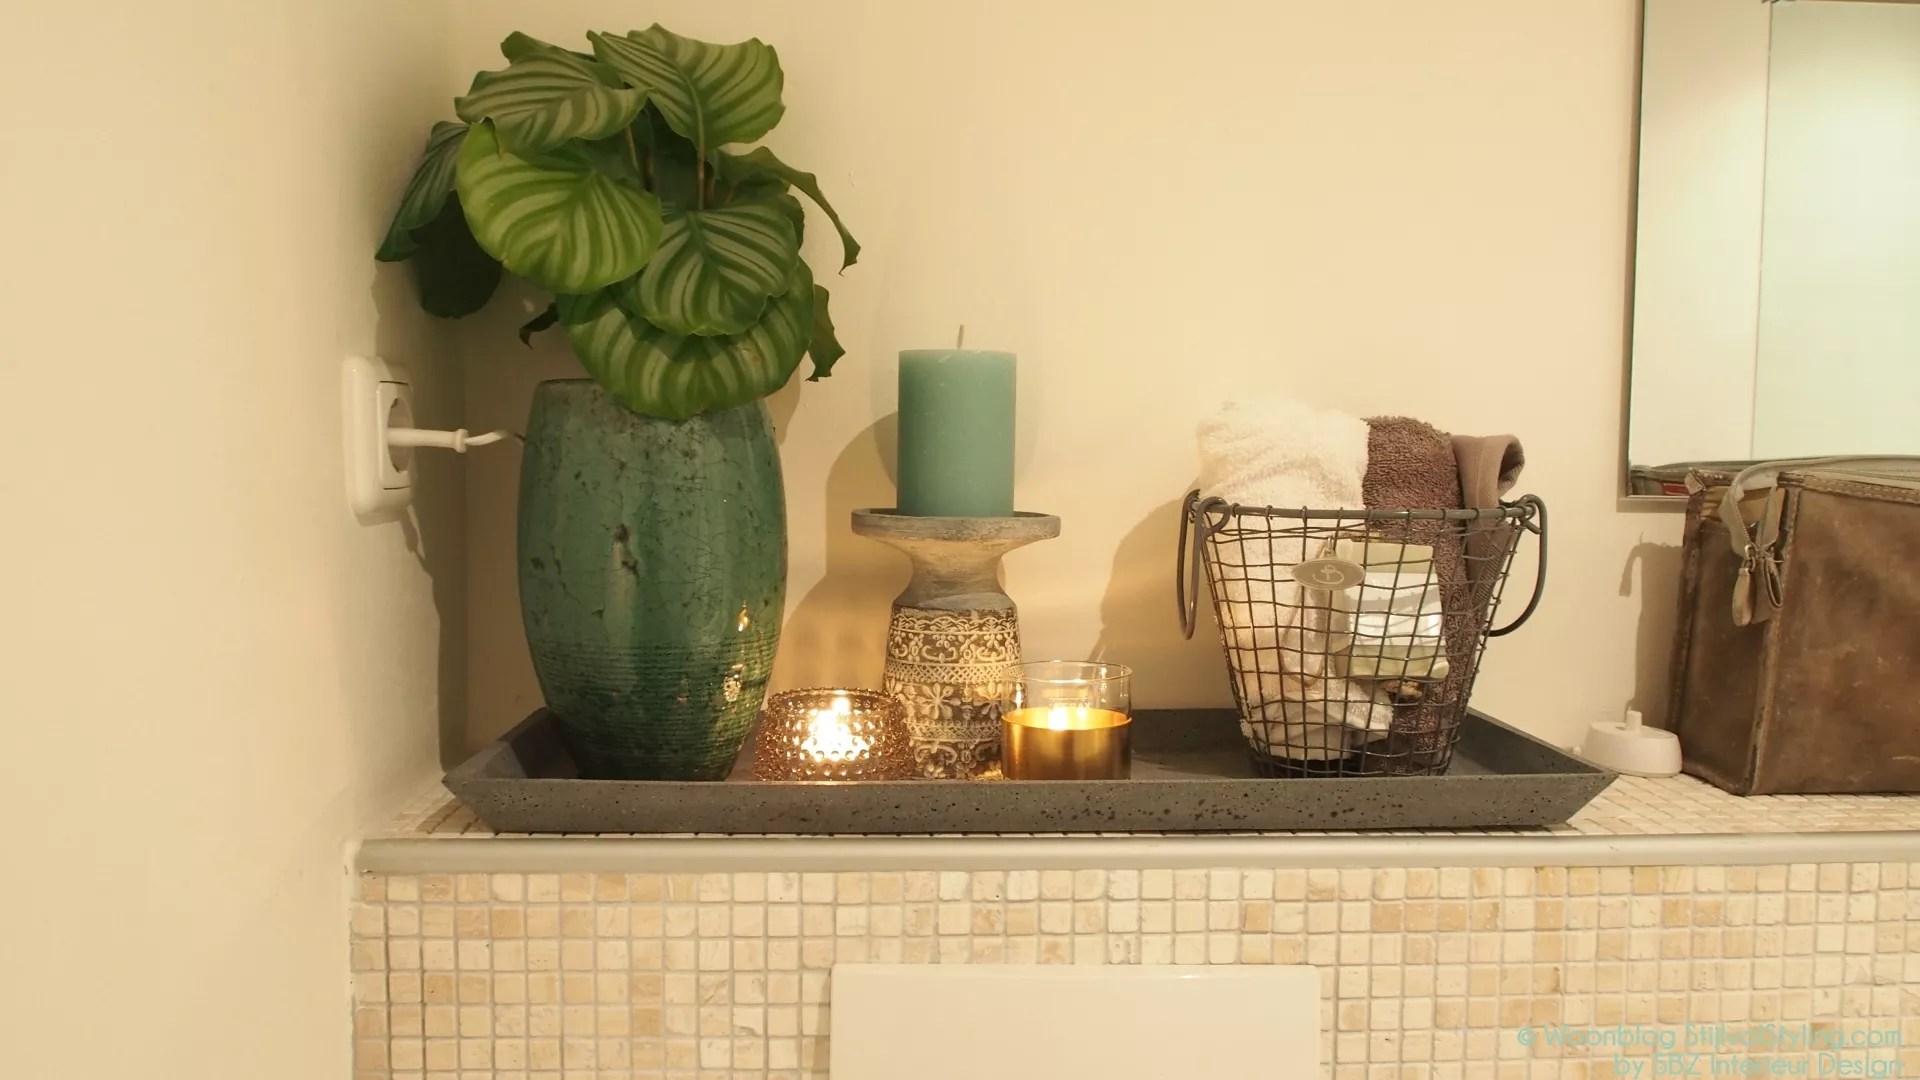 Badkamer Interieur Design : Interieur natuurlijke badkamer inspiratie u stijlvol styling